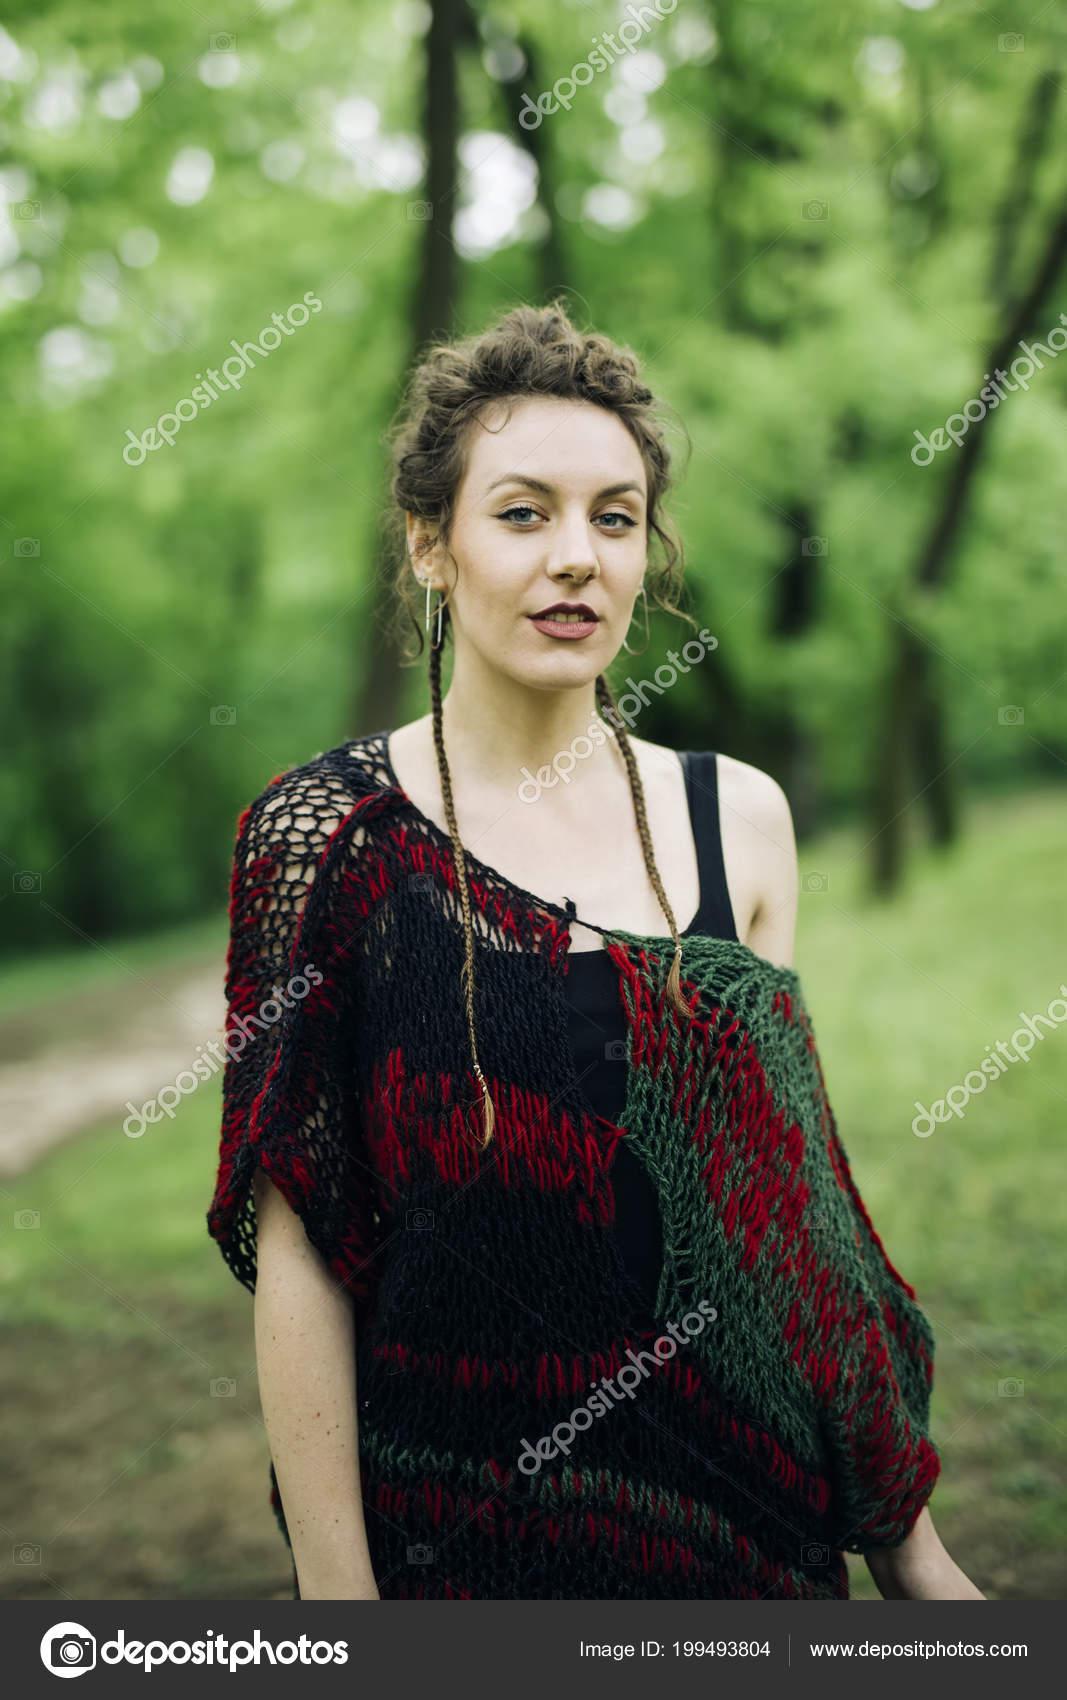 Unglaublich Moderne Pullover Das Beste Von Junge Frau Trägt Und Posiert Park —